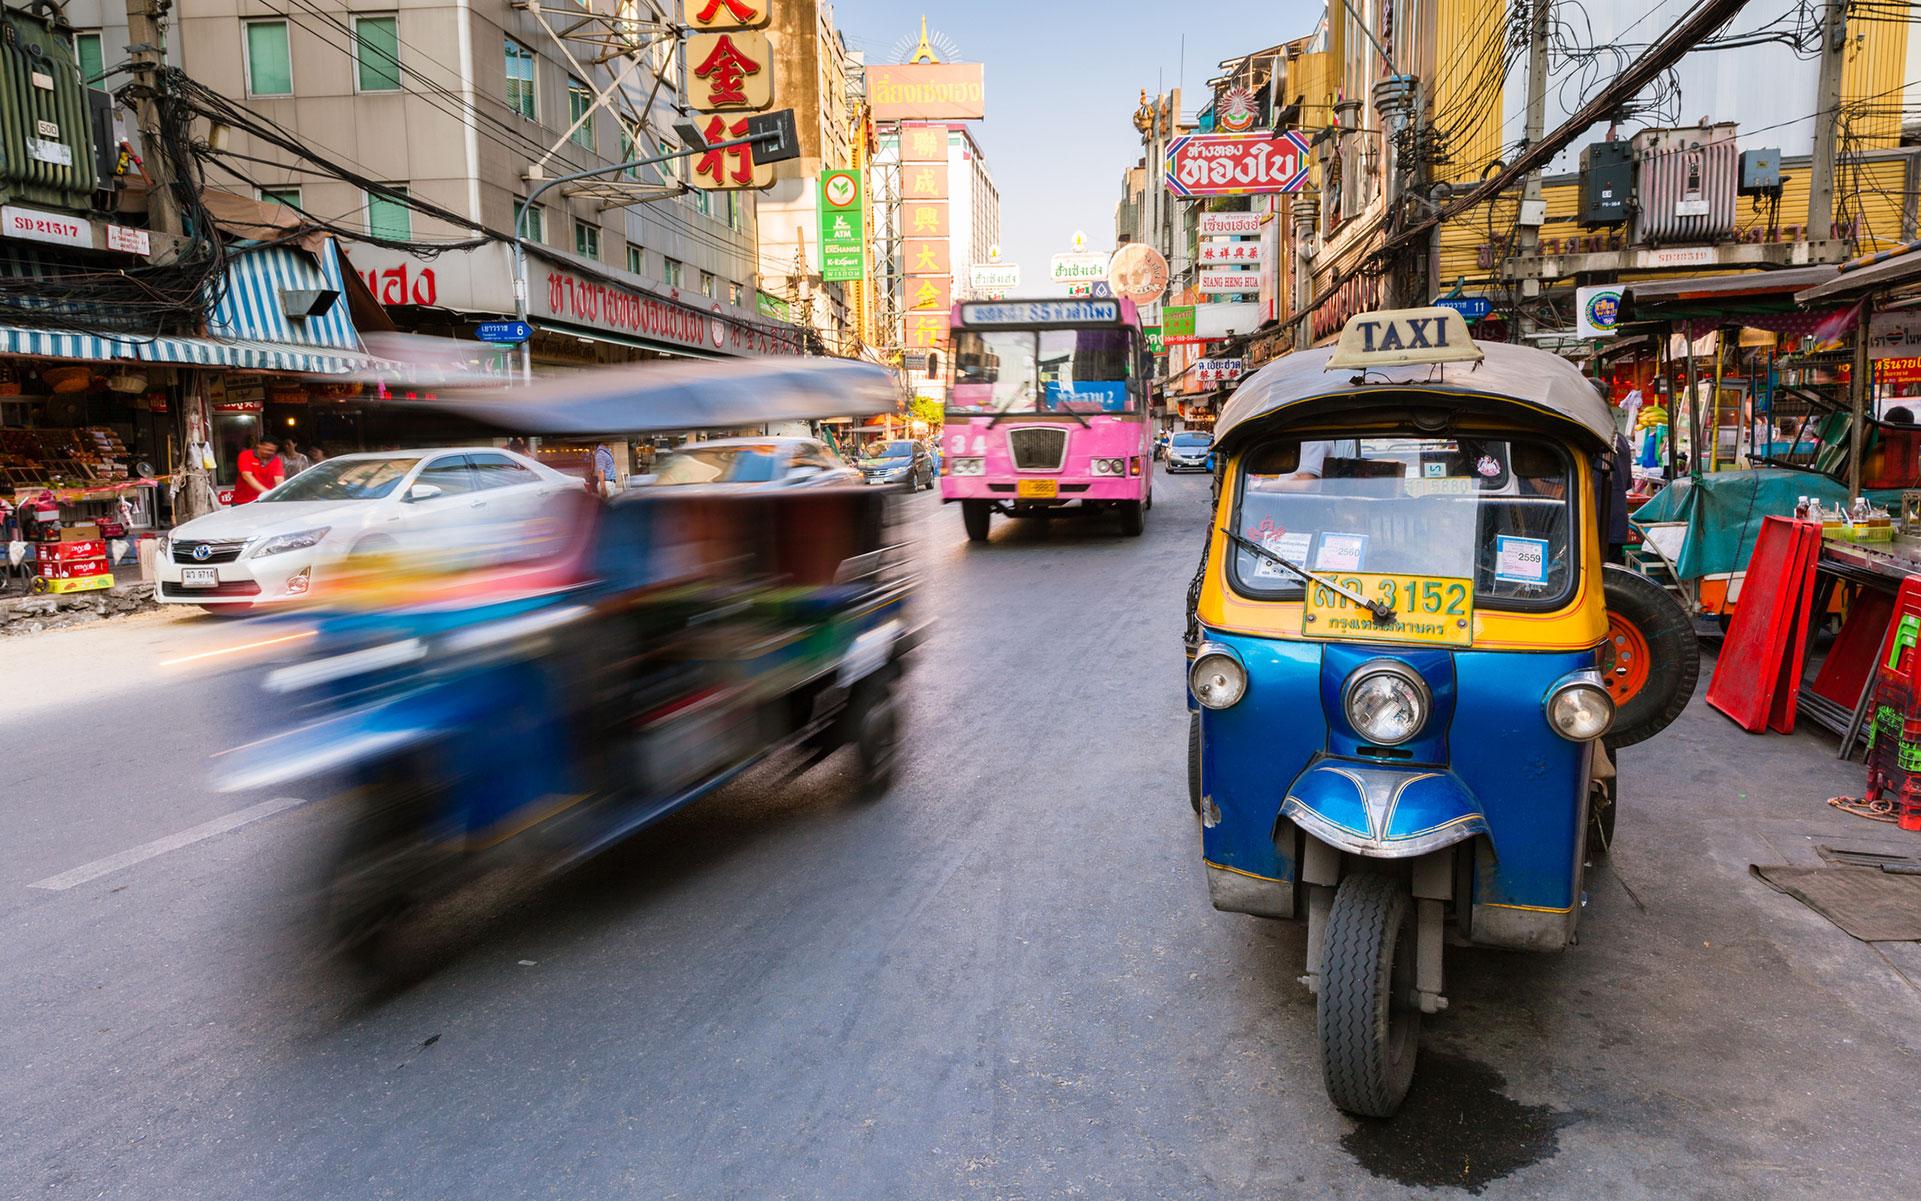 thailand cannabis reform - header image